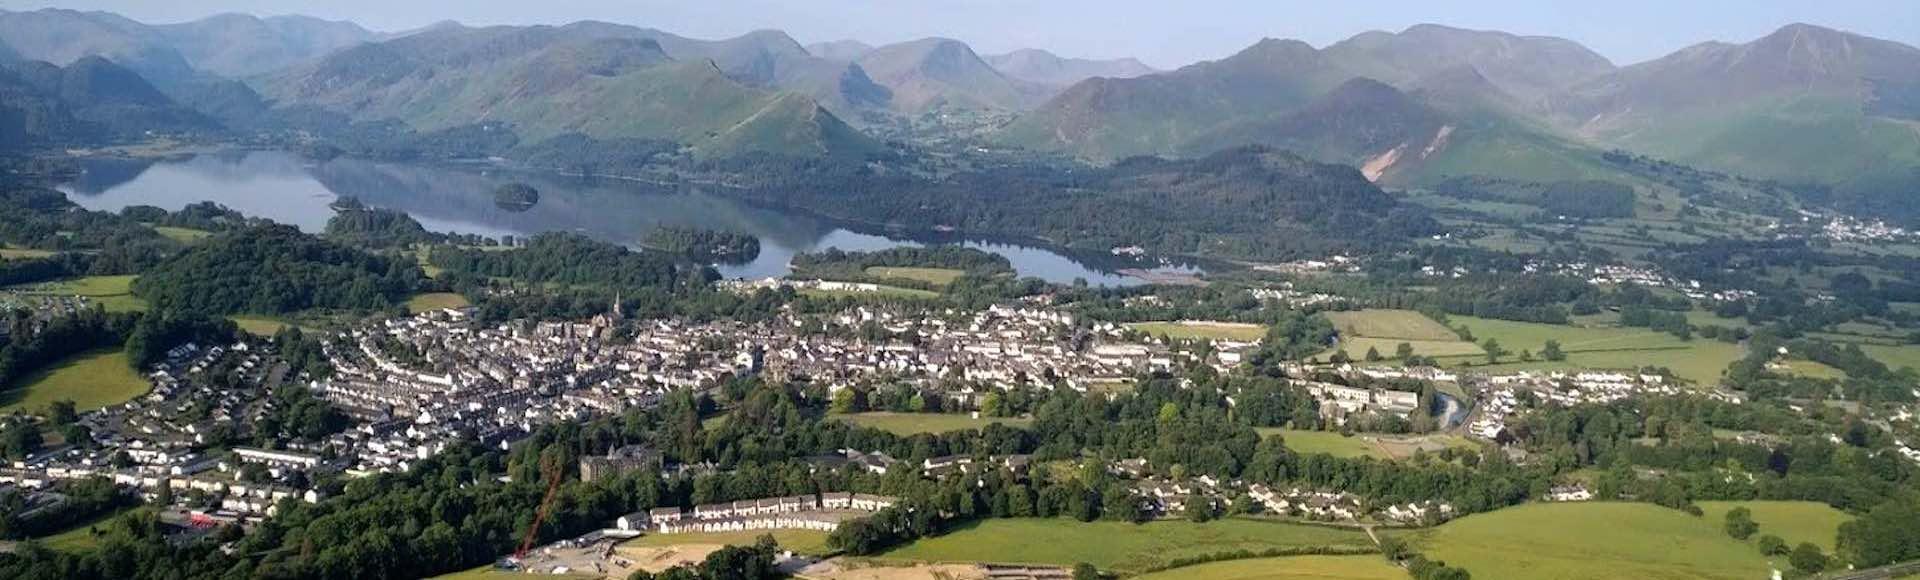 Enjoy Keswick & the Lake District